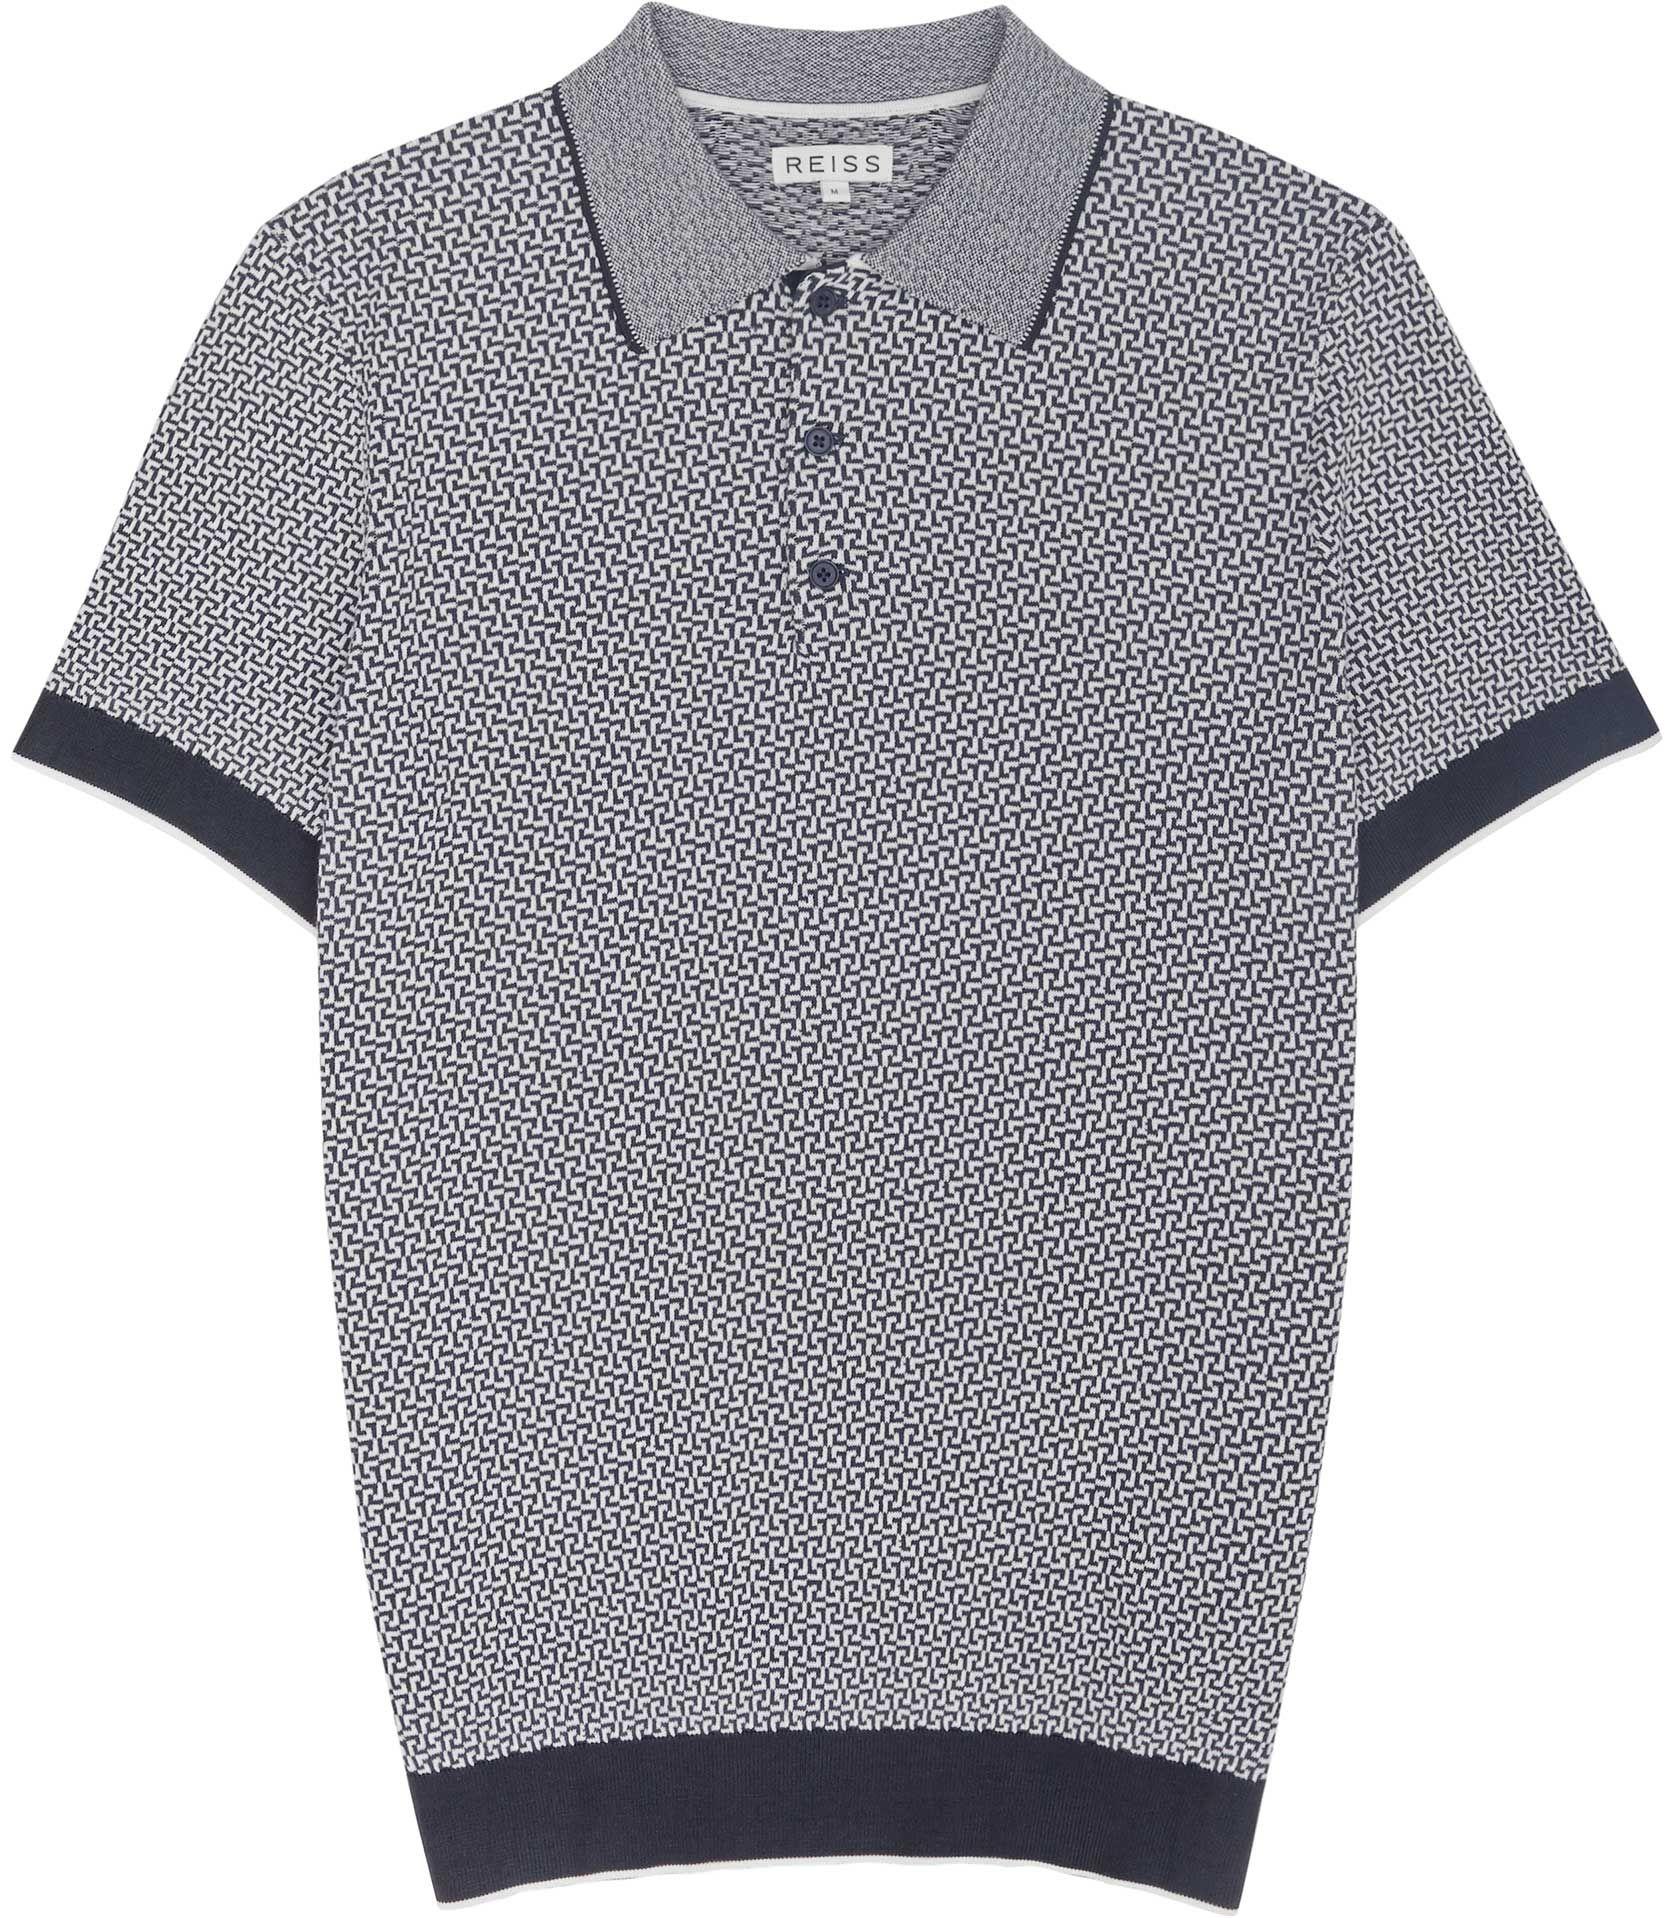 Black t shirt reiss - Mens Navy Geometric Knitted Polo Shirt Reiss Folio